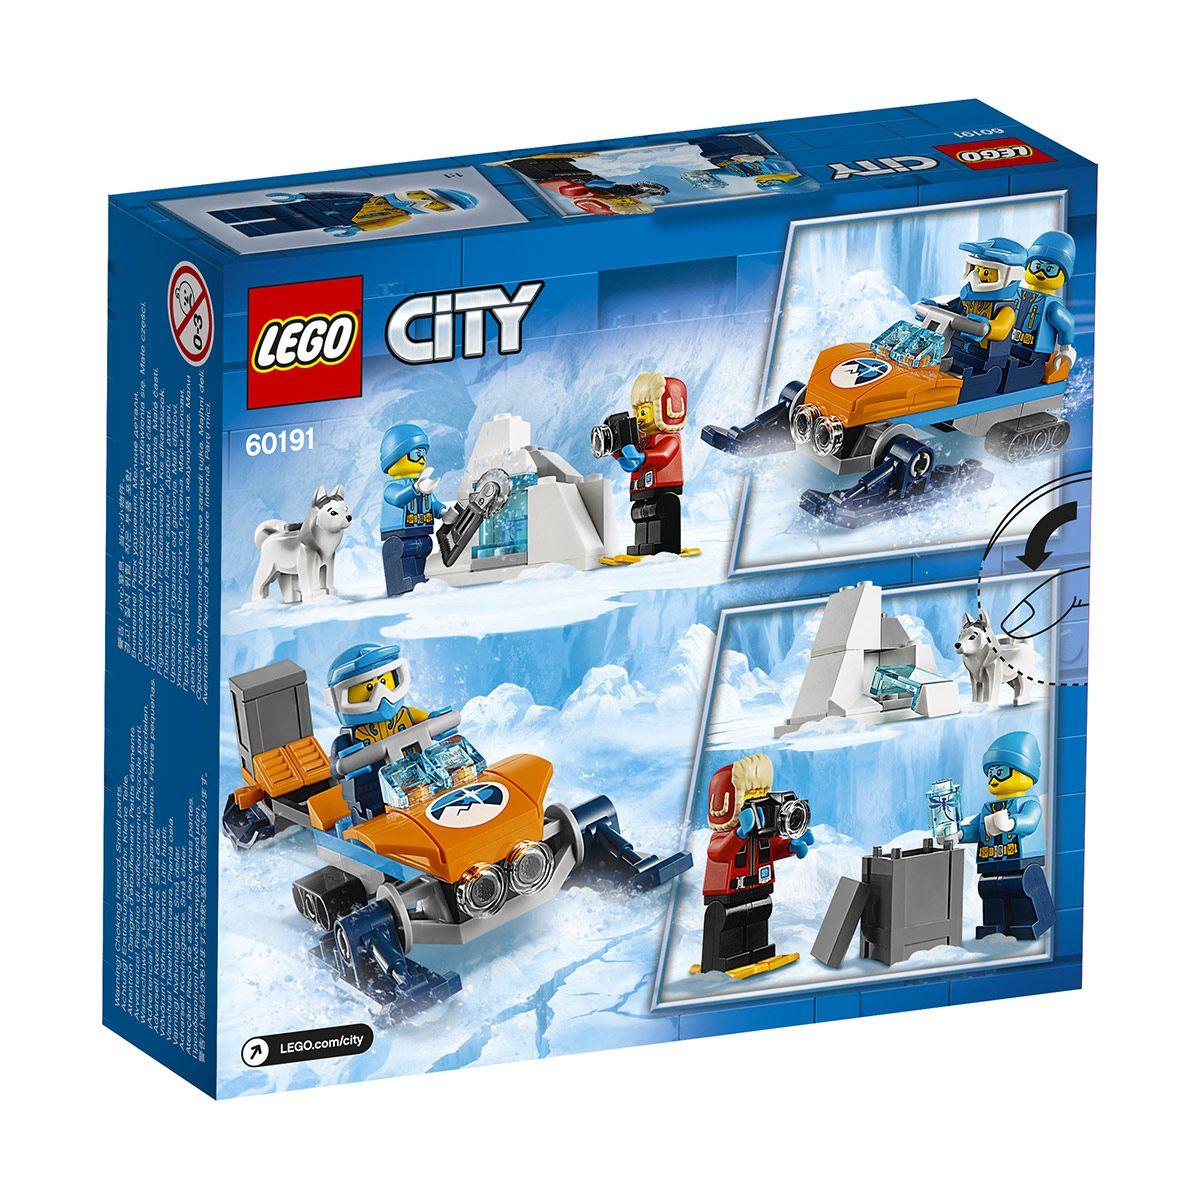 Explorateurs City Et Lego De Sport L'arctique 60191 Aventures La v0wONn8ym